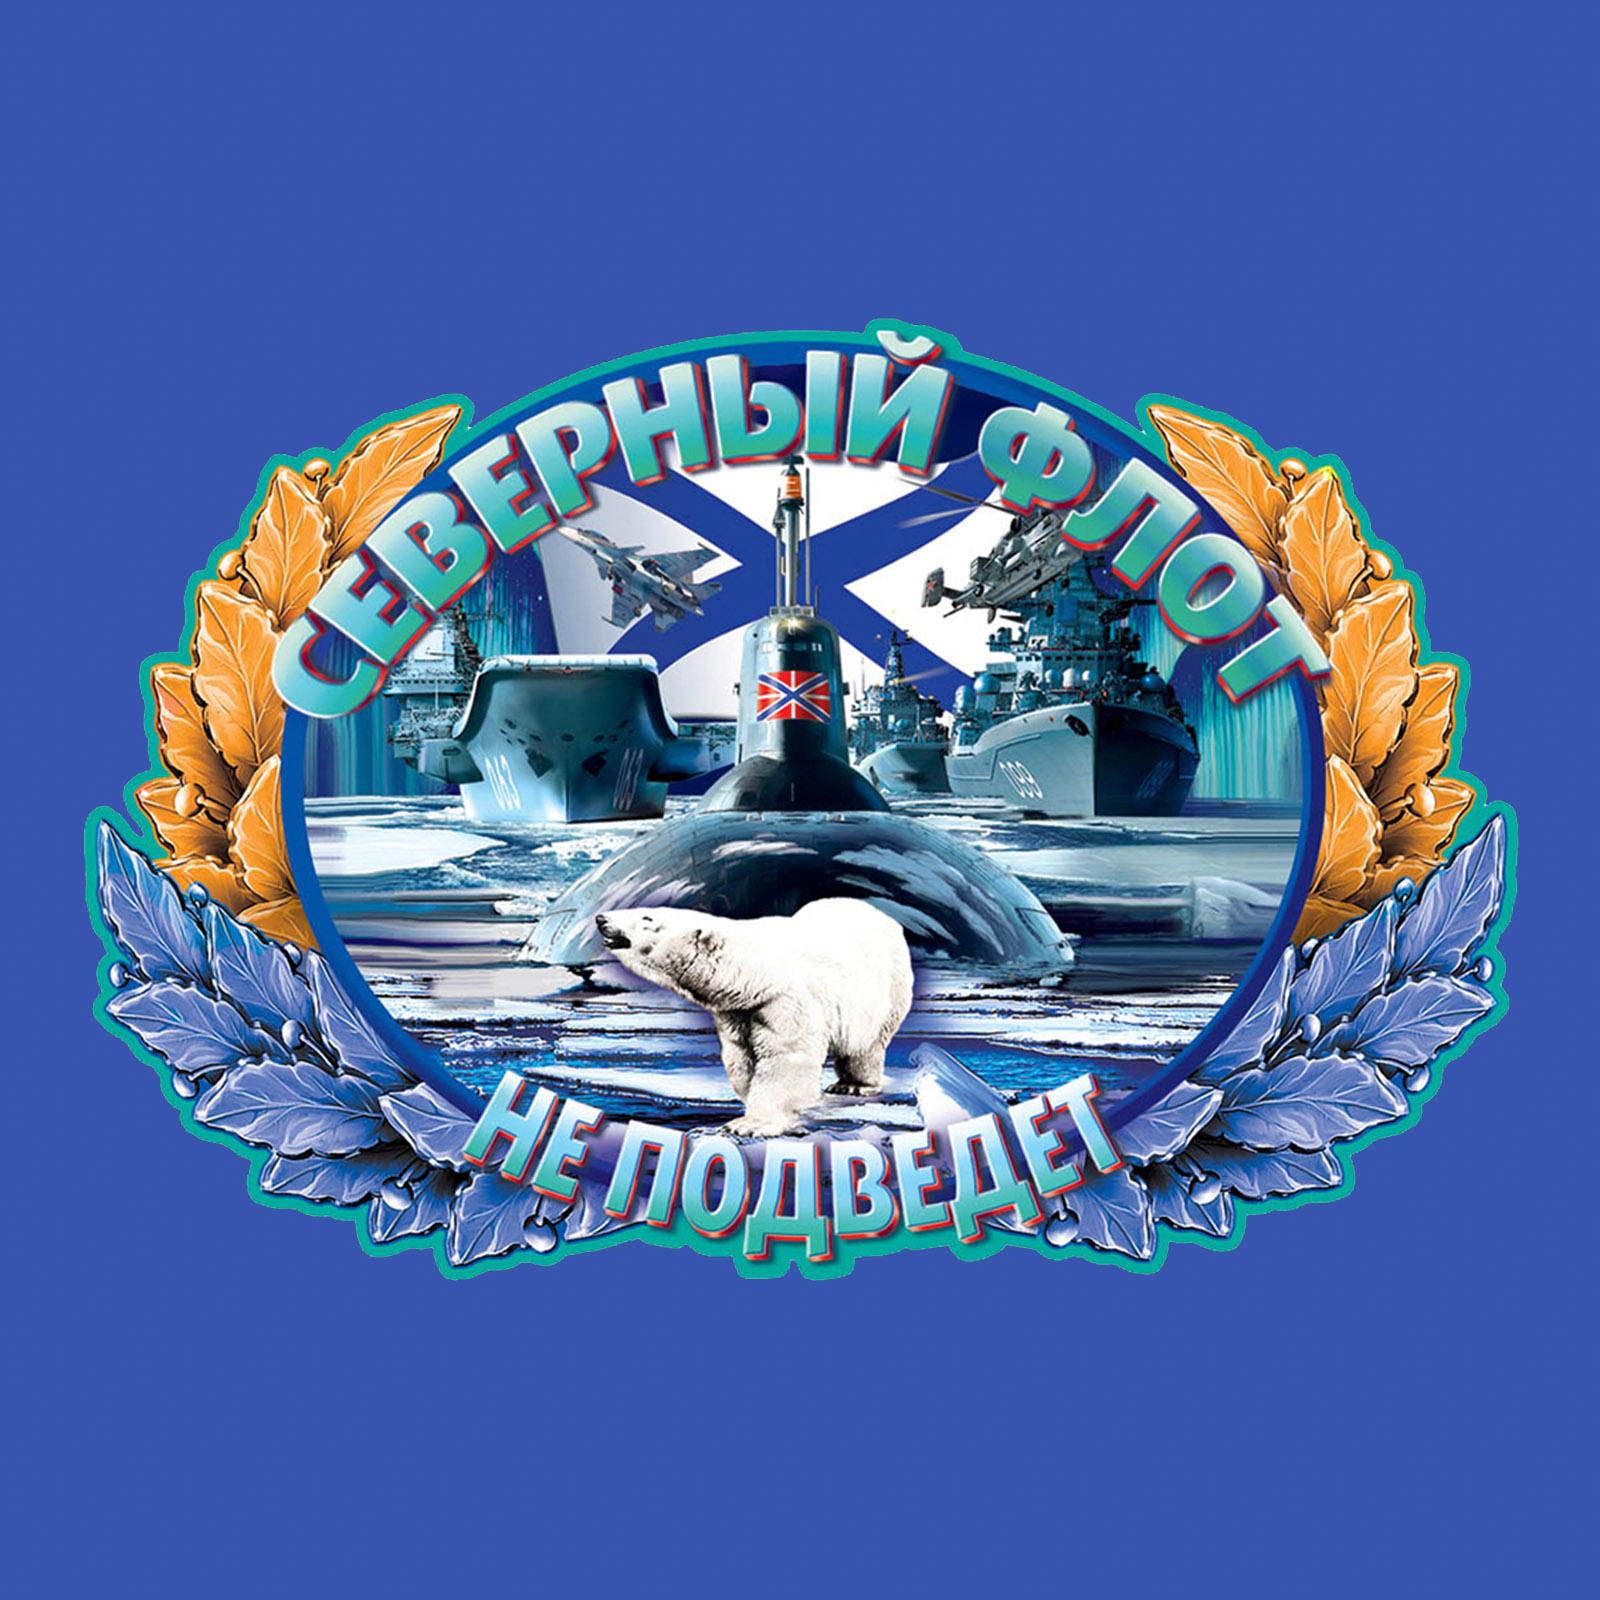 Купить синюю крутую бейсболку с термонаклейкой Северный Флот онлайн выгодно